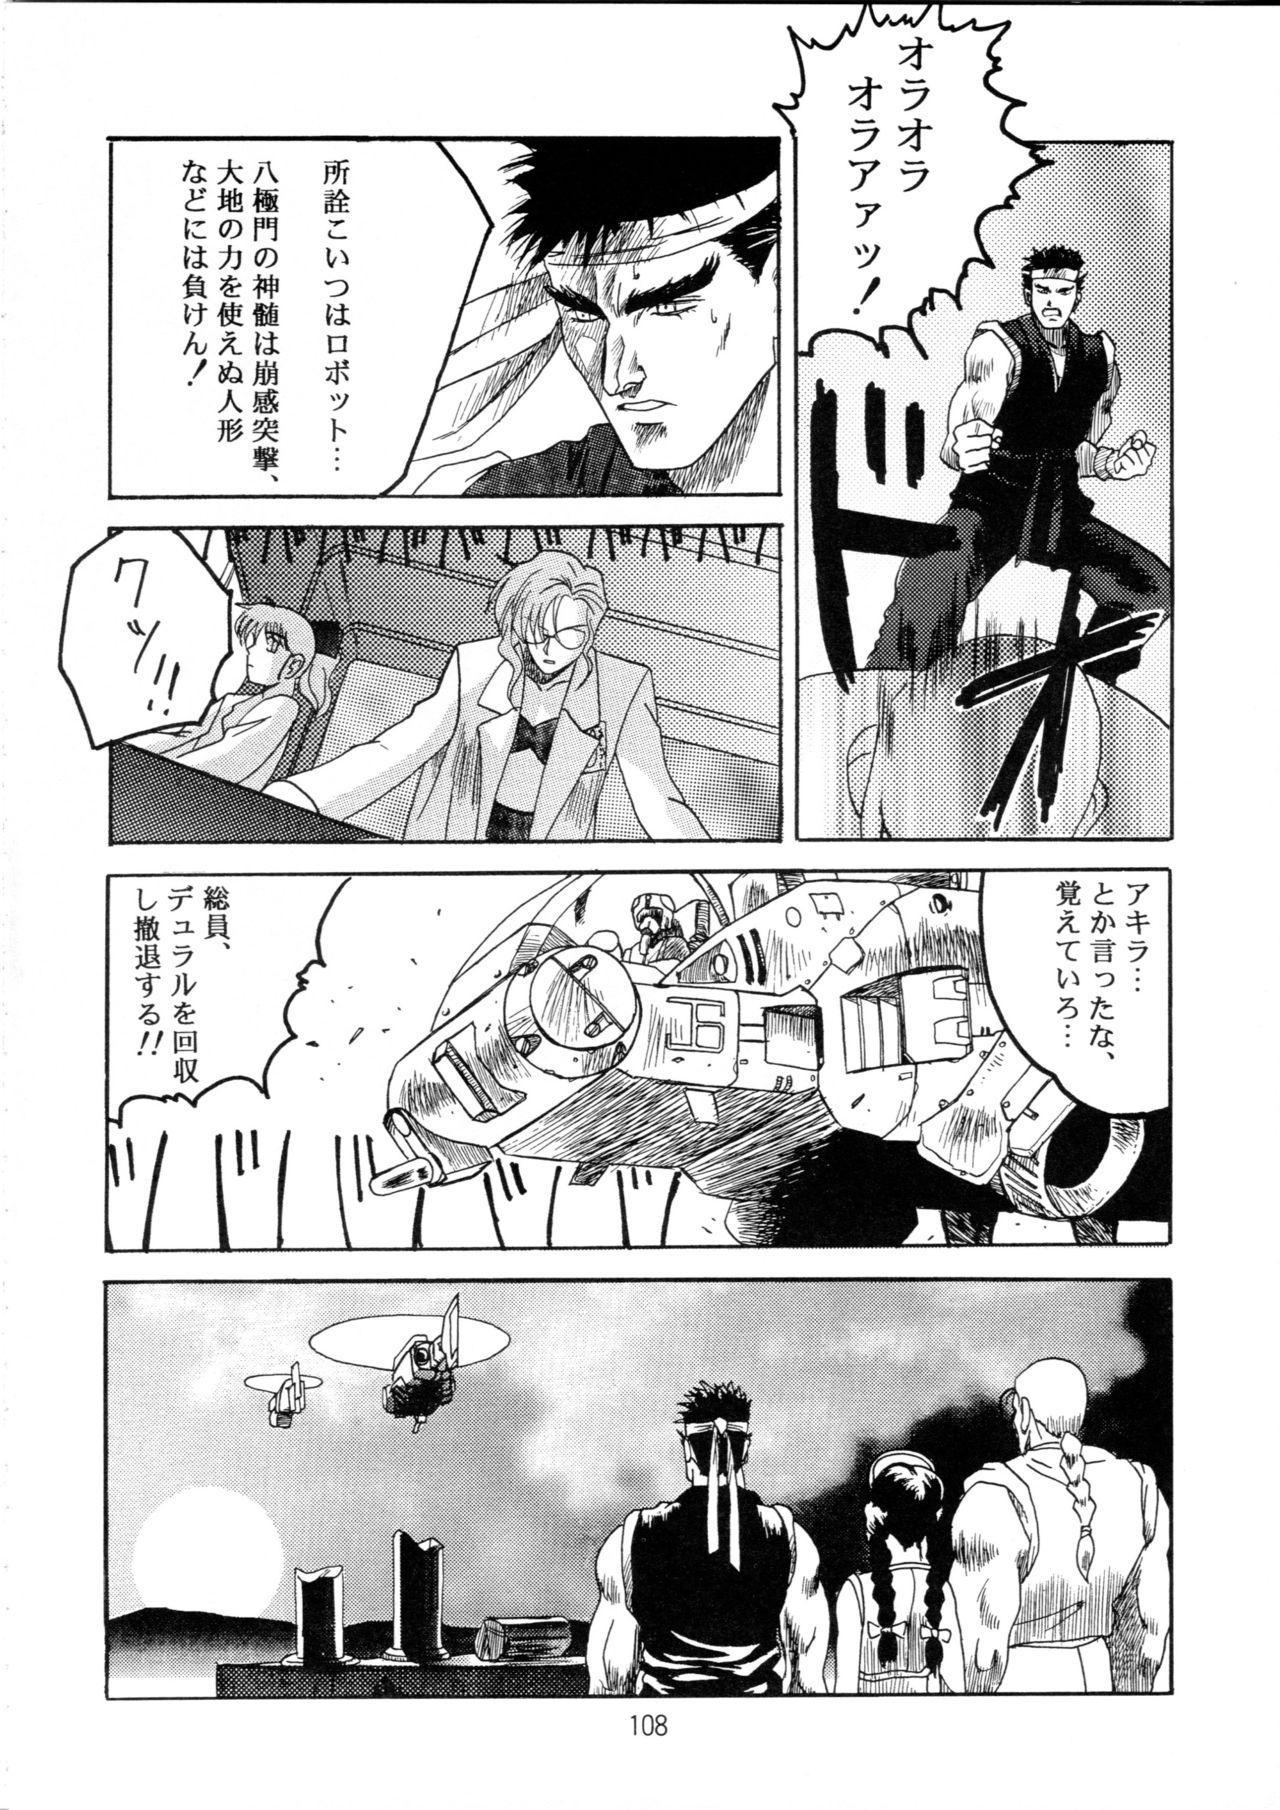 Henreikai Special Vol. 9 105